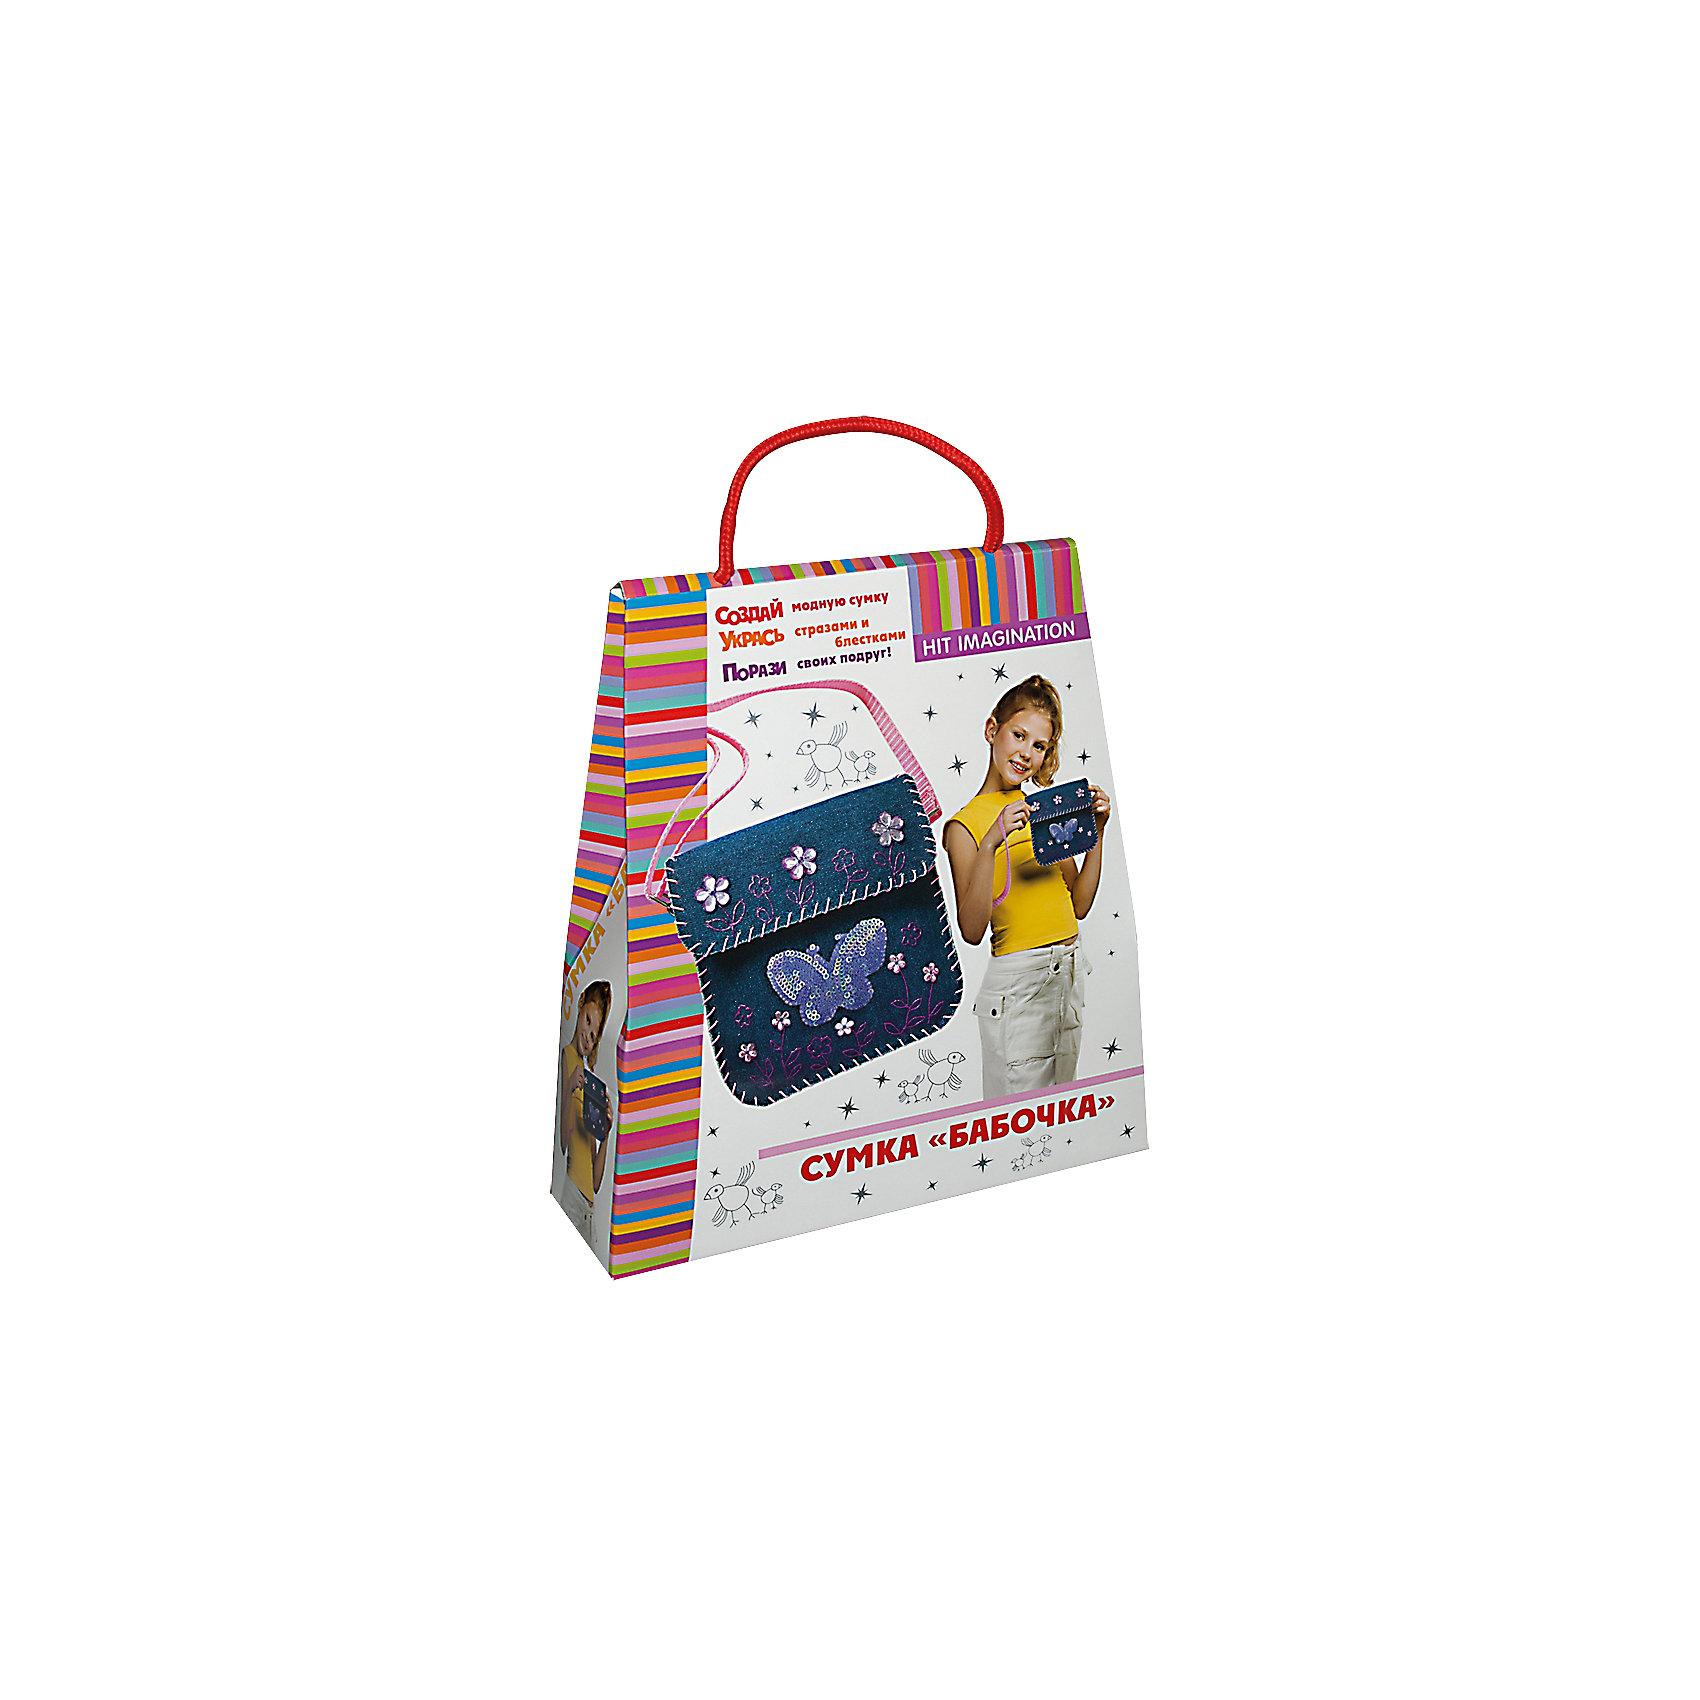 Набор для детского творчества Сумка БабочкаРукоделие<br>В наборе текстильная заготовка для сумки, ремешок, набор для шитья, краска, блестки и бабочка с пайетками для декорирования, инструкция.<br><br>Ширина мм: 230<br>Глубина мм: 75<br>Высота мм: 250<br>Вес г: 170<br>Возраст от месяцев: 60<br>Возраст до месяцев: 144<br>Пол: Женский<br>Возраст: Детский<br>SKU: 5441233